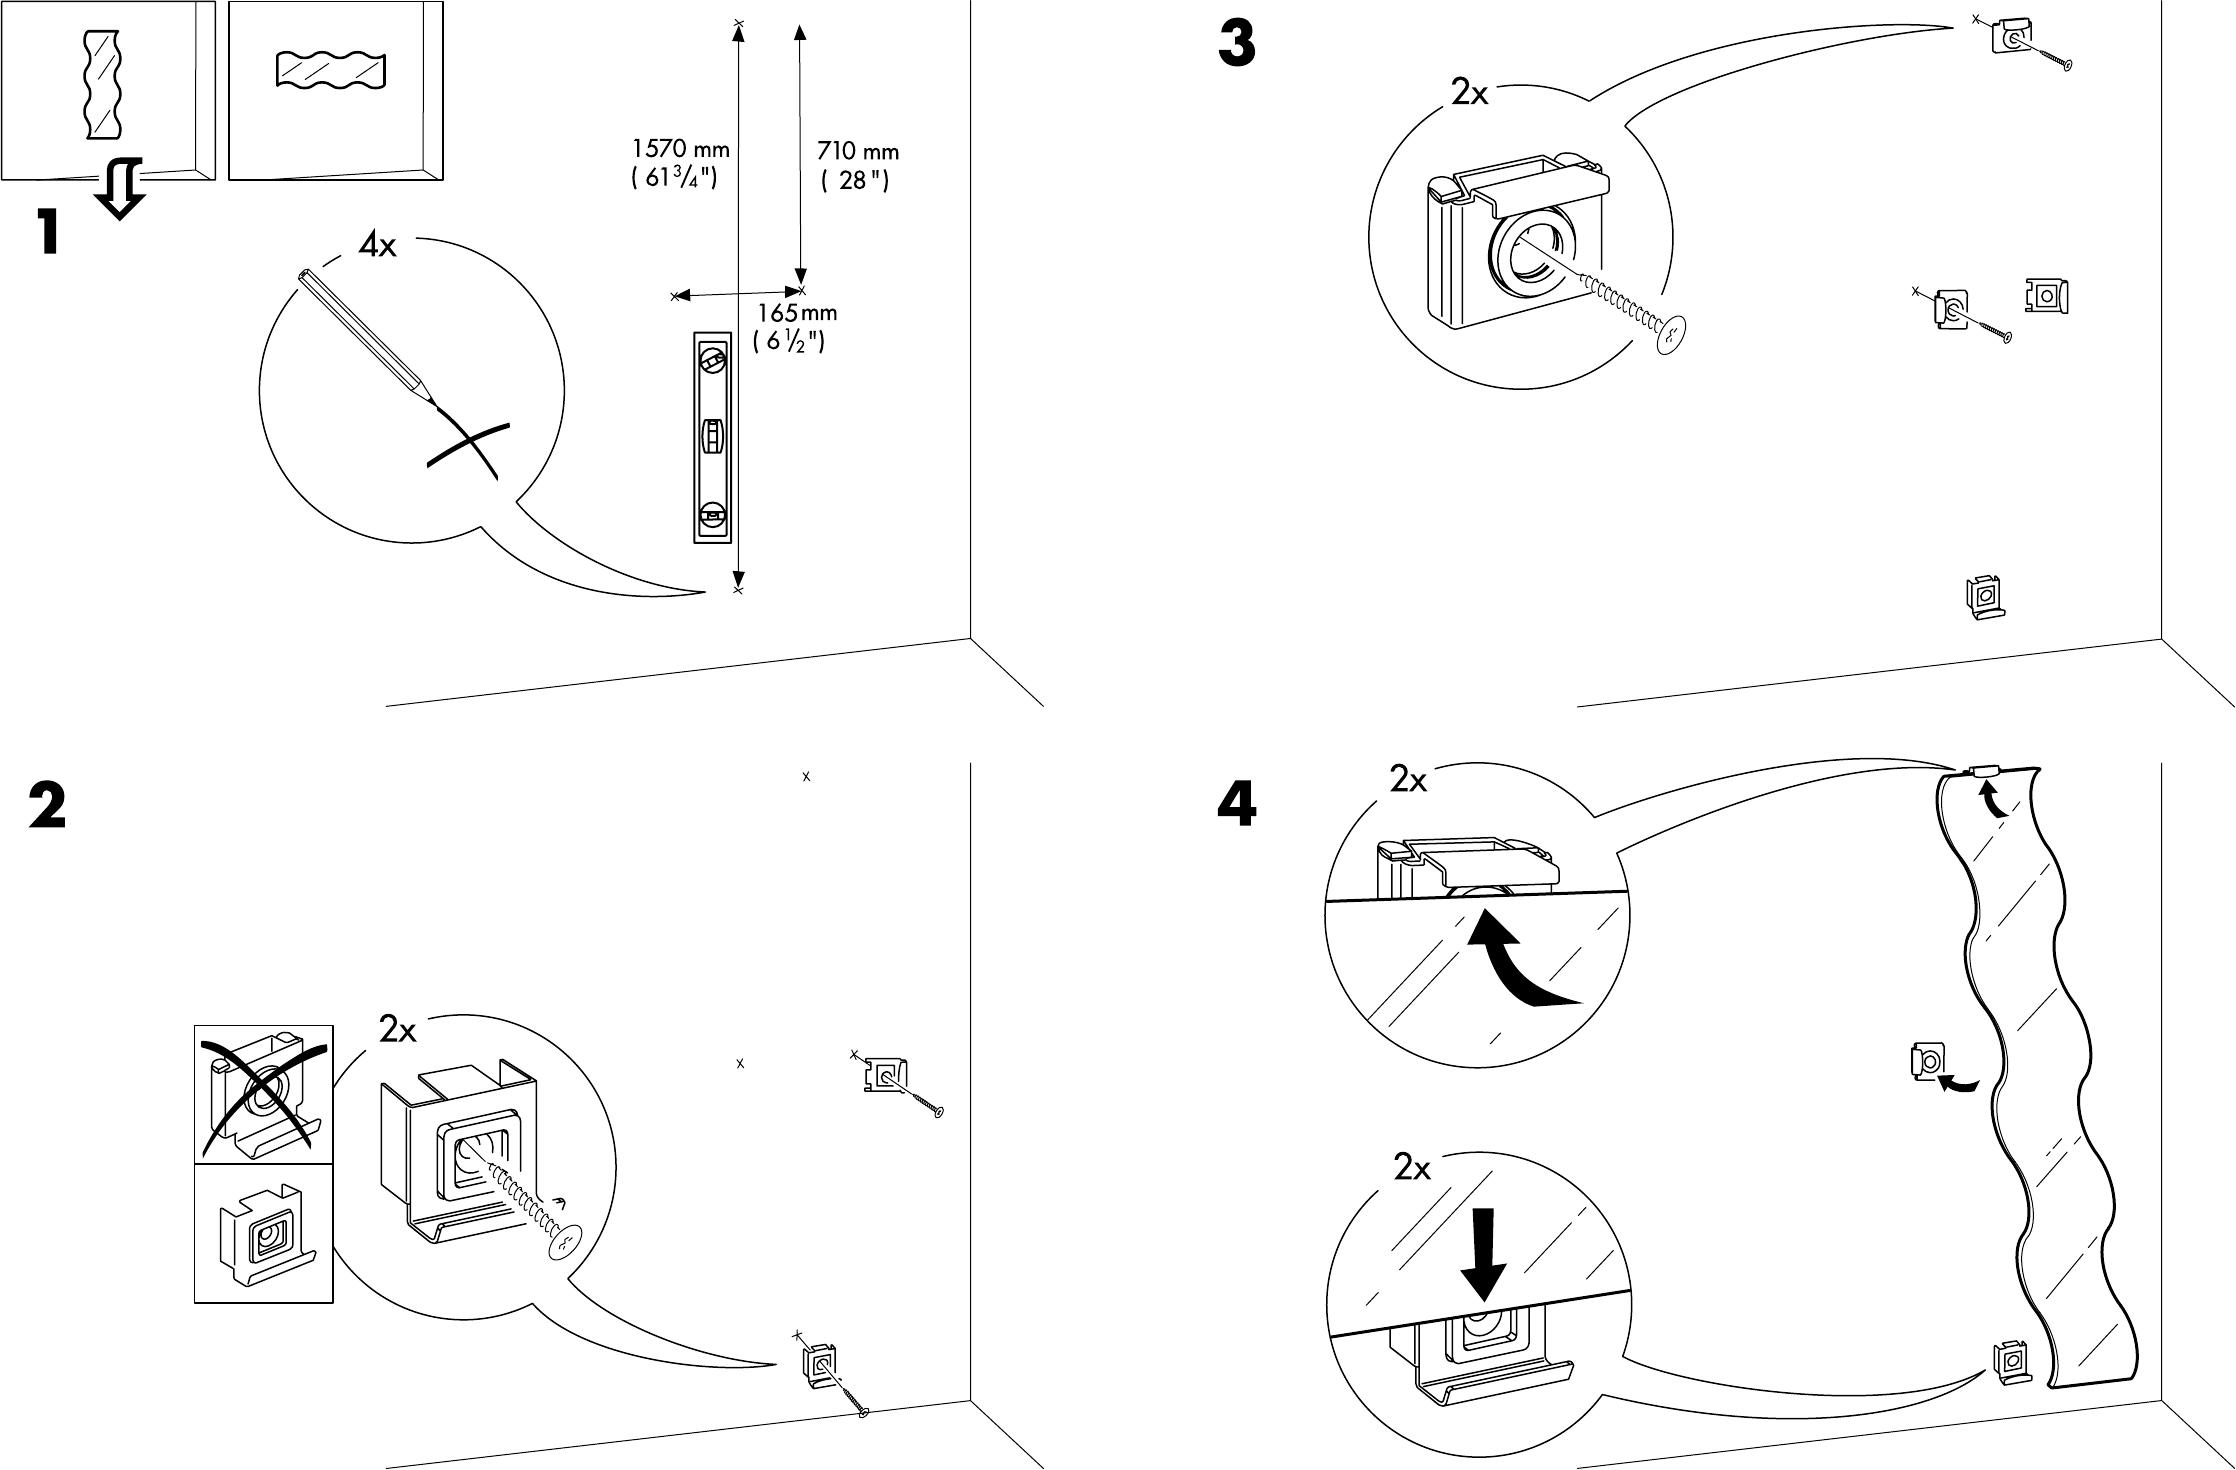 bedienungsanleitung ikea krabb spiegel seite 4 von 4 d nisch deutsch englisch spanisch. Black Bedroom Furniture Sets. Home Design Ideas